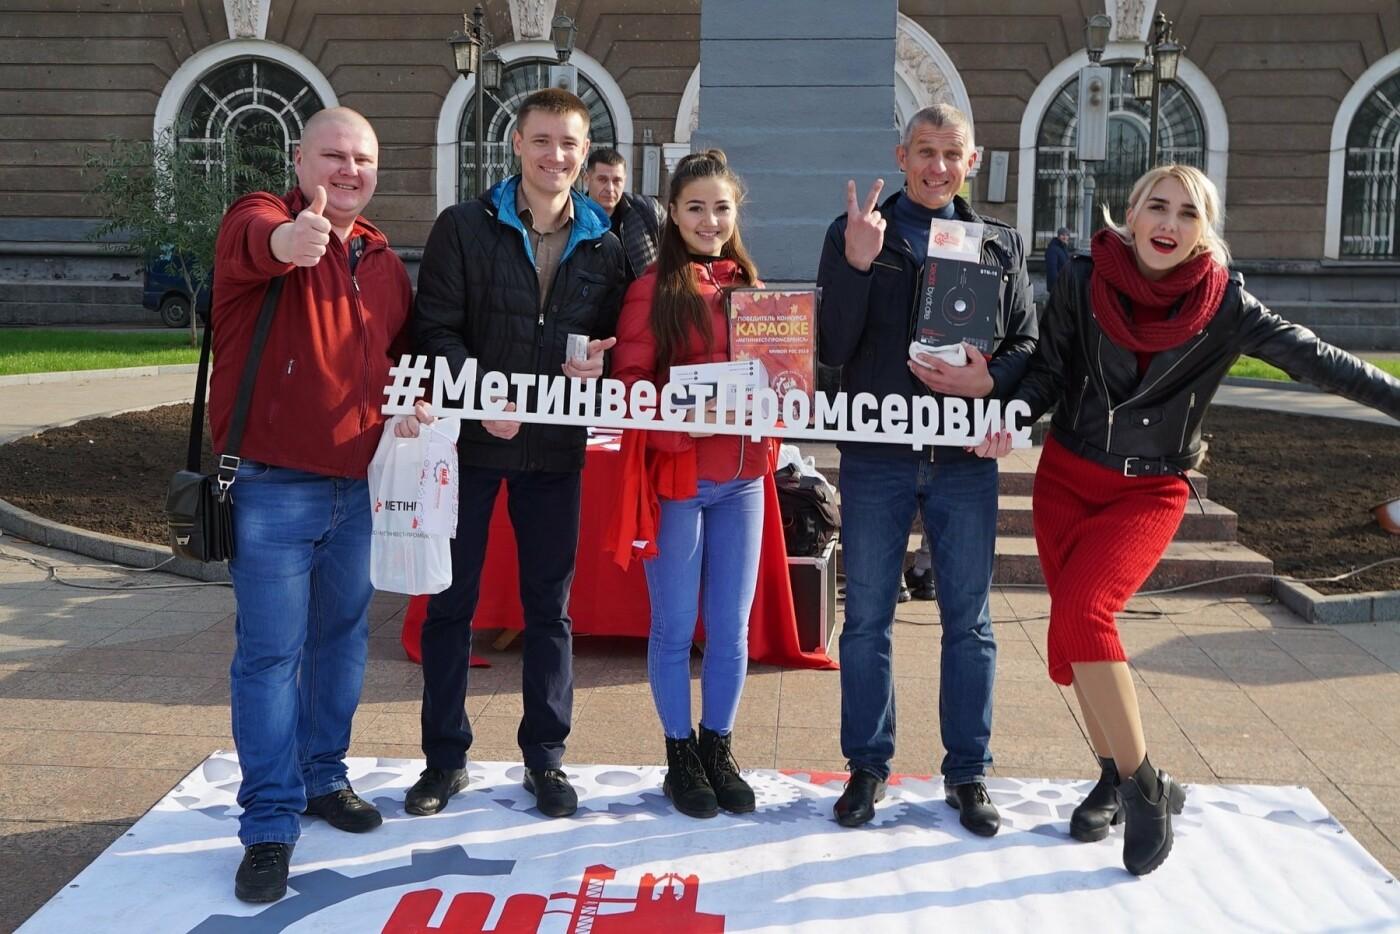 Караоке на Почтовом: «Метинвест-Промсервис» привез любимое развлечение на центральную площадь Кривого Рога, фото-1